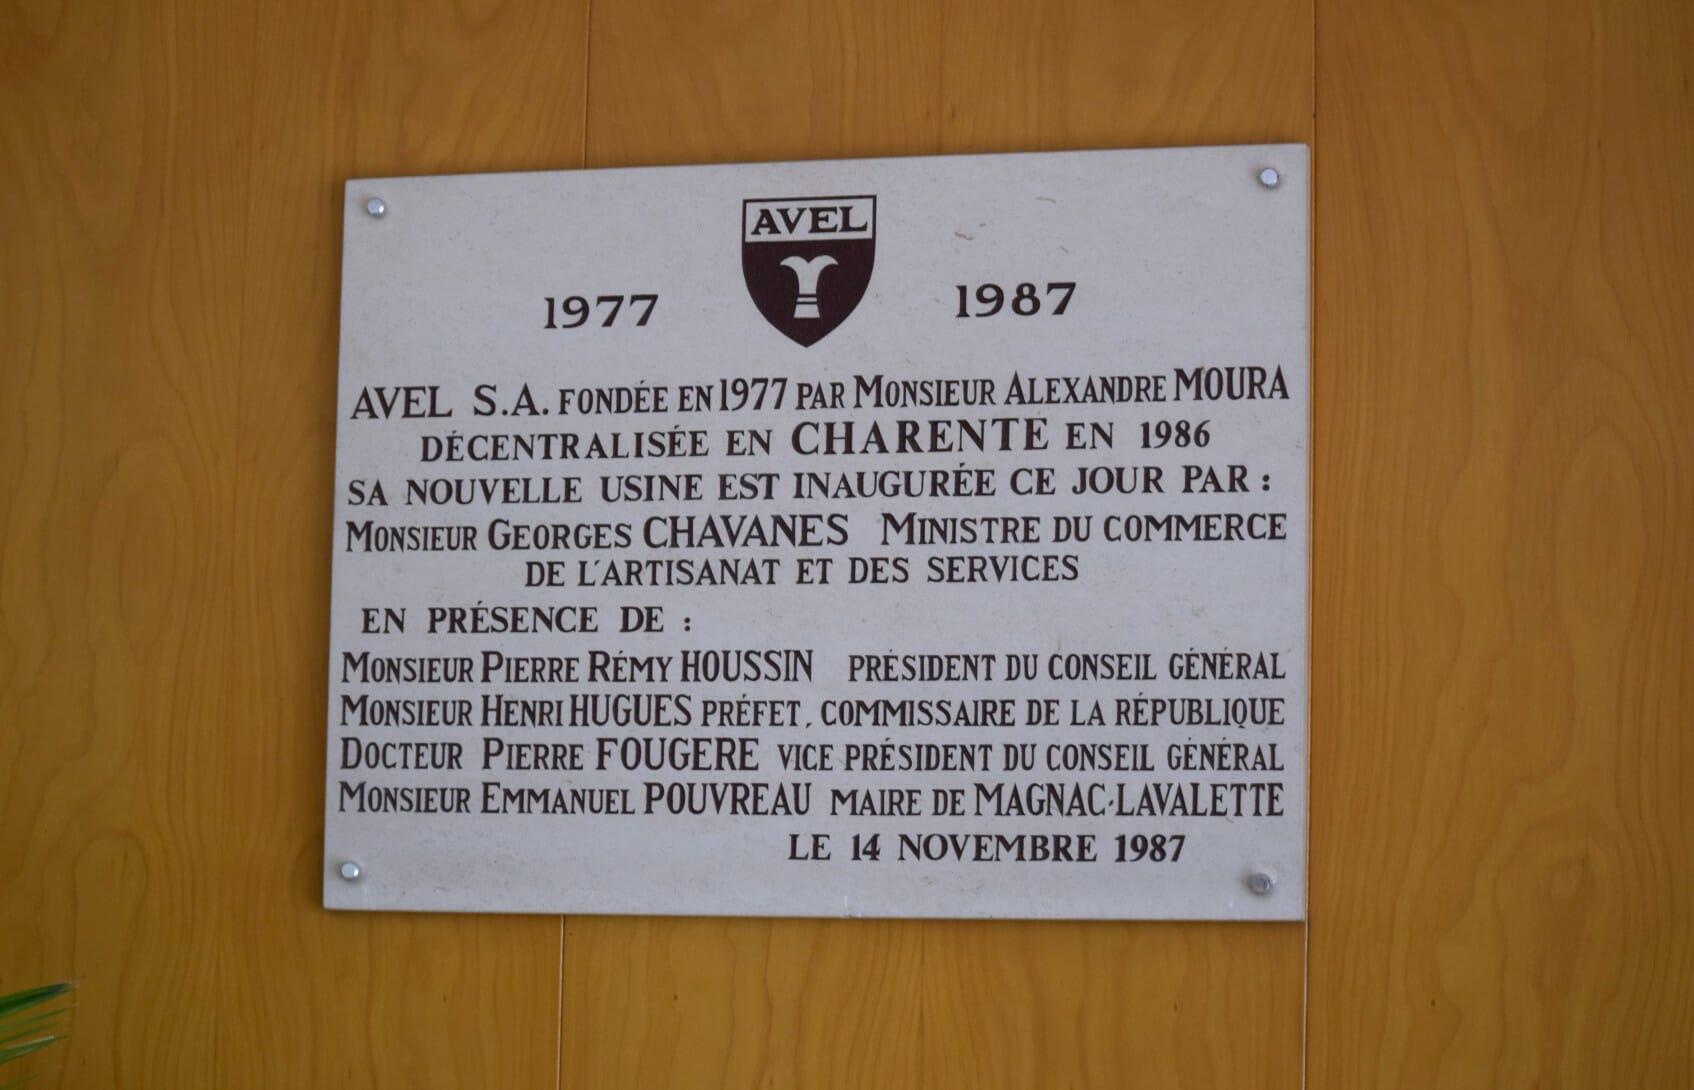 PAMIĄTKOWA TABLICA ZAŁOŻYCIELSKA Z 1987 R.